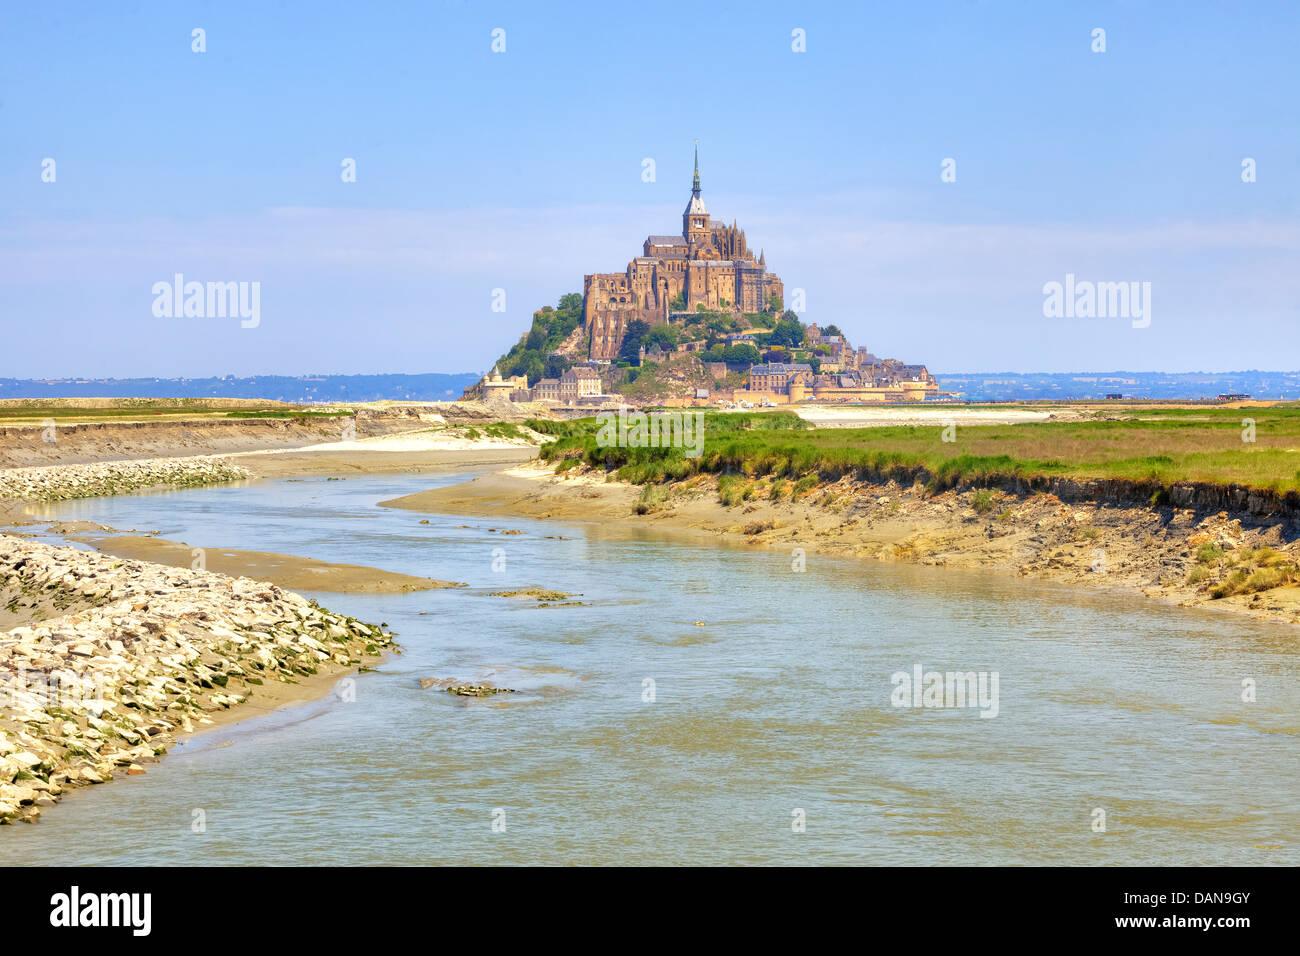 Le Mont-Saint-Michel, Avrachnes, Normandy, France - Stock Image